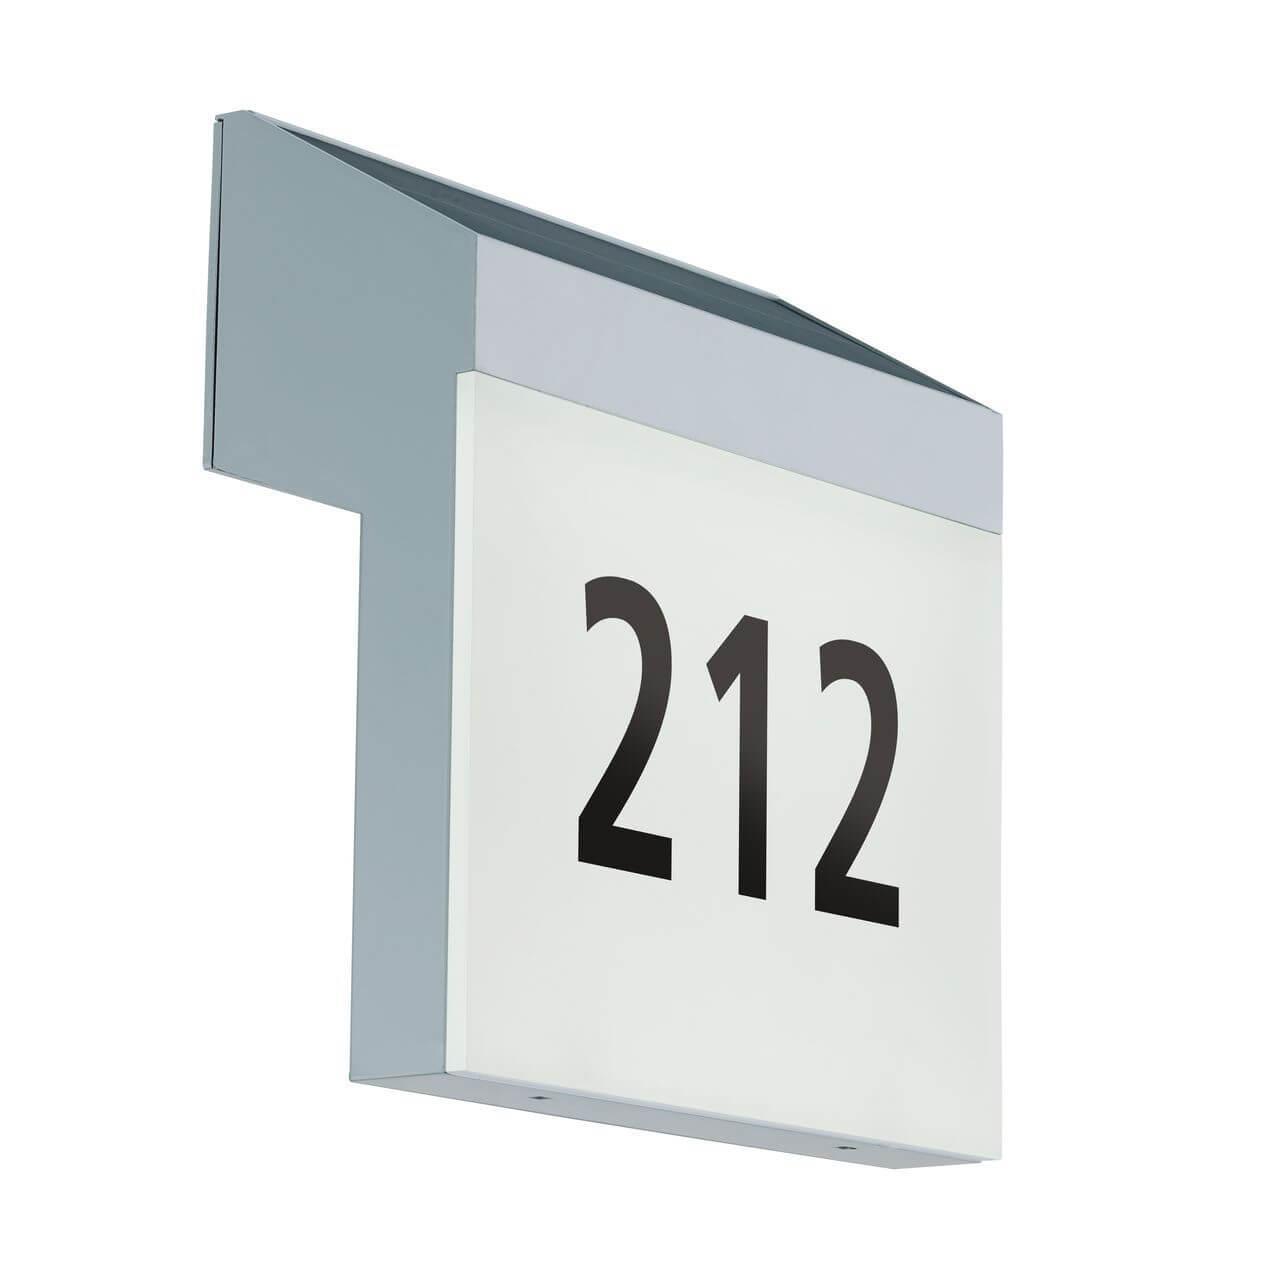 97339 Уличный настенный светодиодный светильник с номером дома на солнечных батареях Eglo Lunano